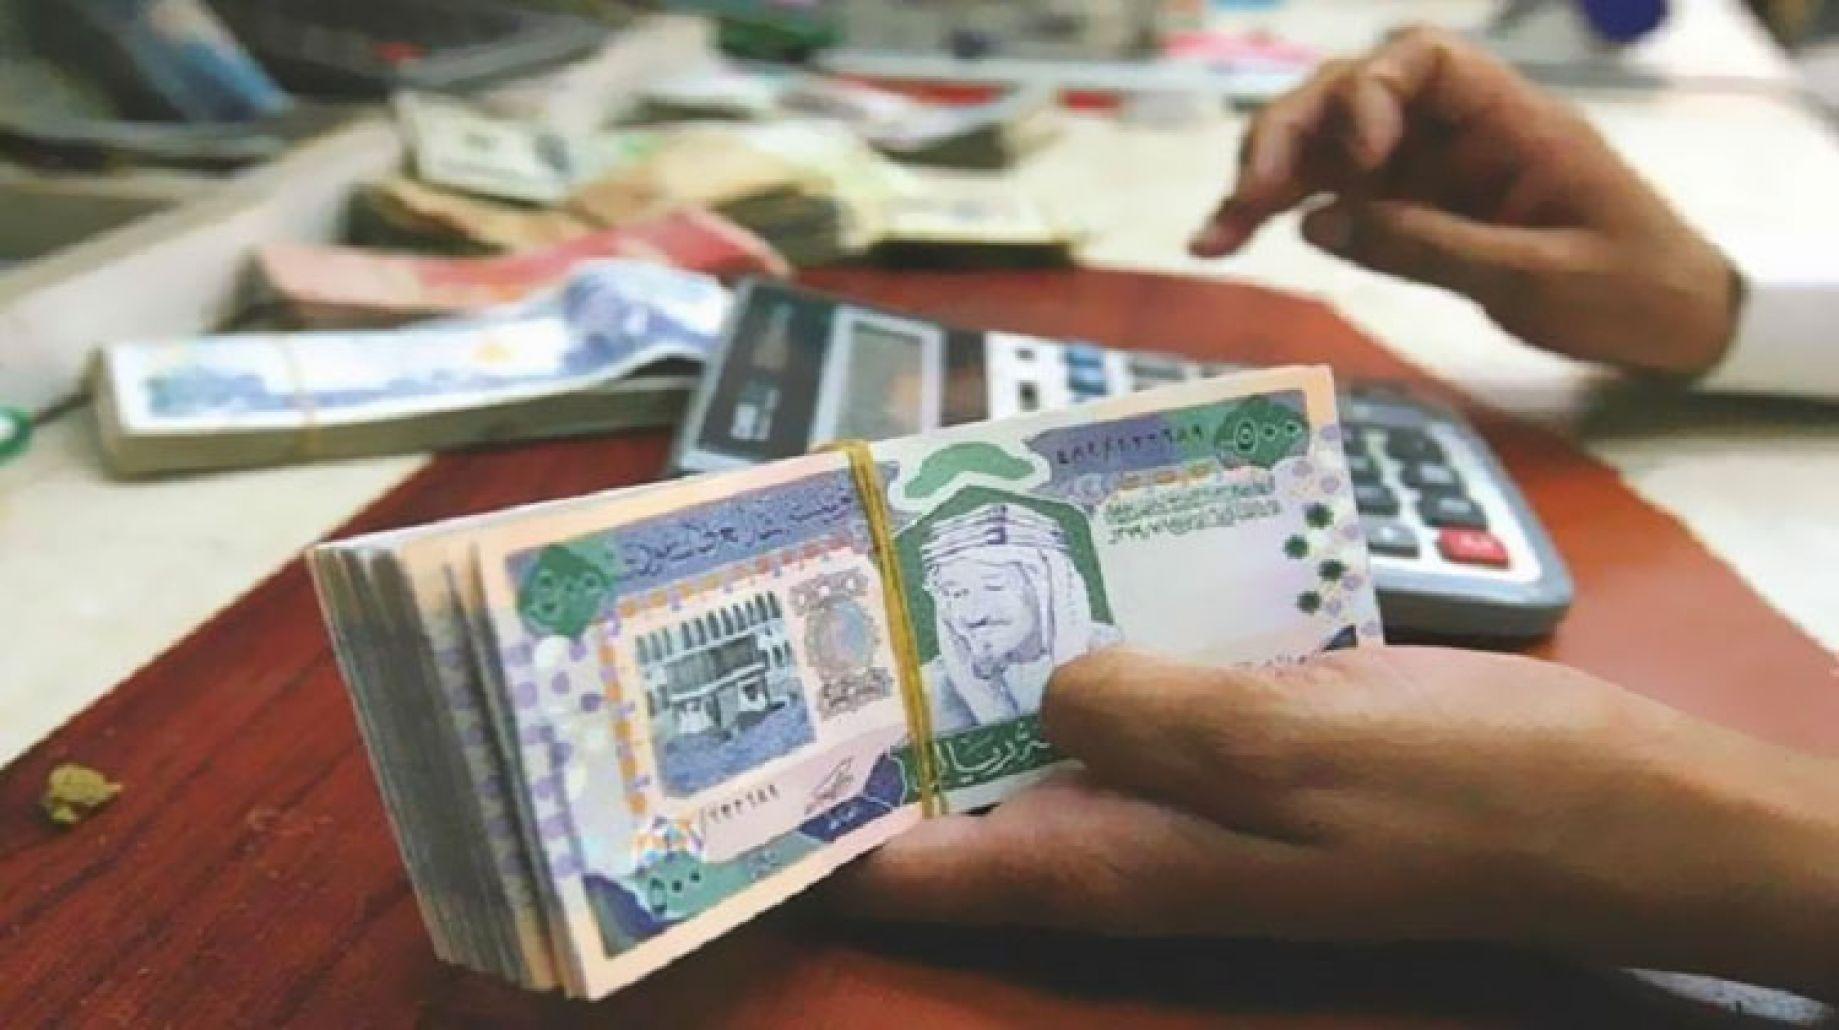 شروط وخطوات التسجيل في إعانة الباحثين عن عمل للحصول على 20 ألف ريال سعودي